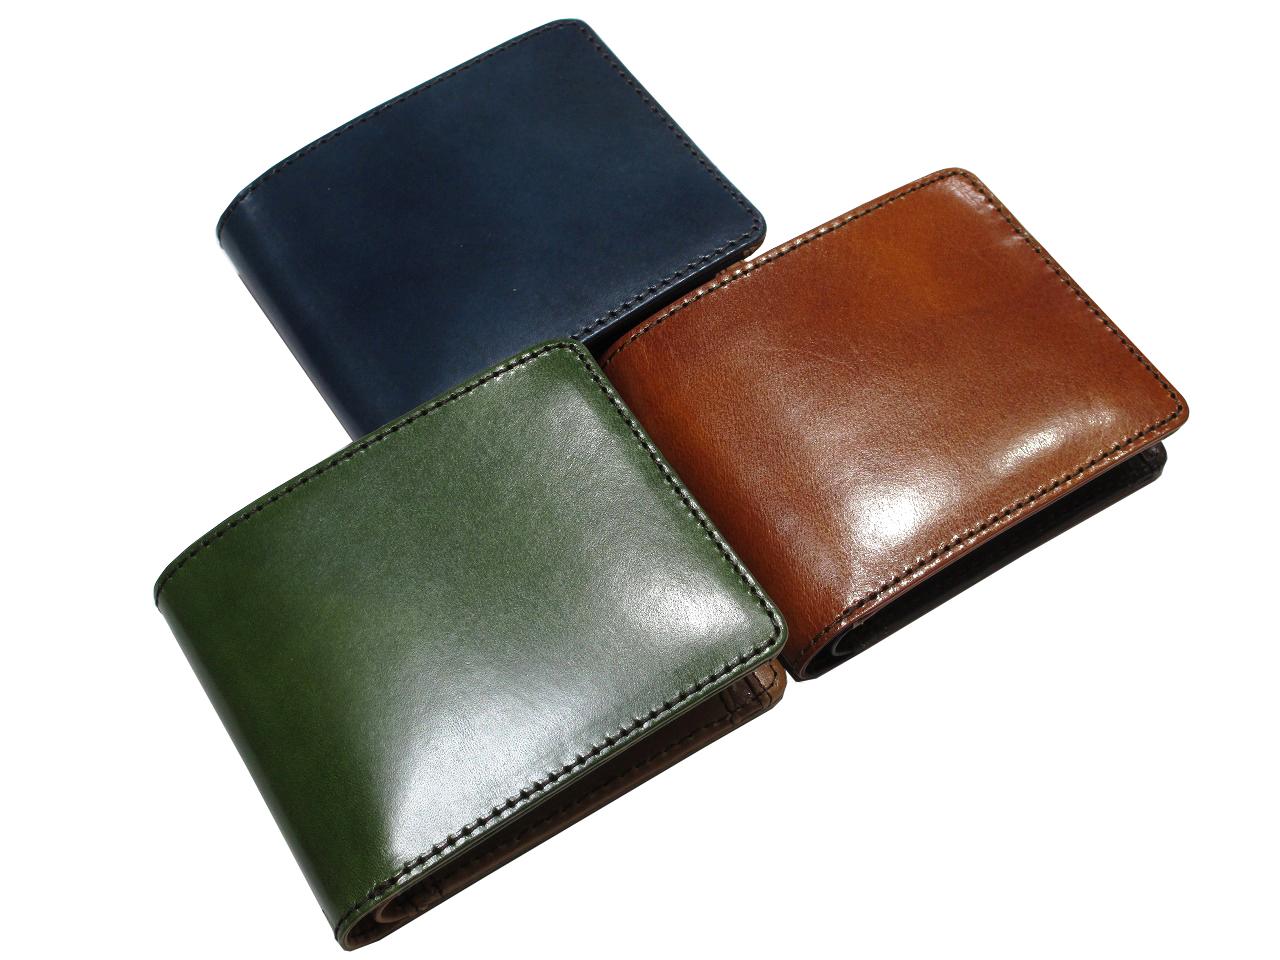 青木鞄 GALLERIA Laccato ガレリア・ラッカート メンズ 二つ折り財布(BOX型小銭入れあり) 2133 AOKI